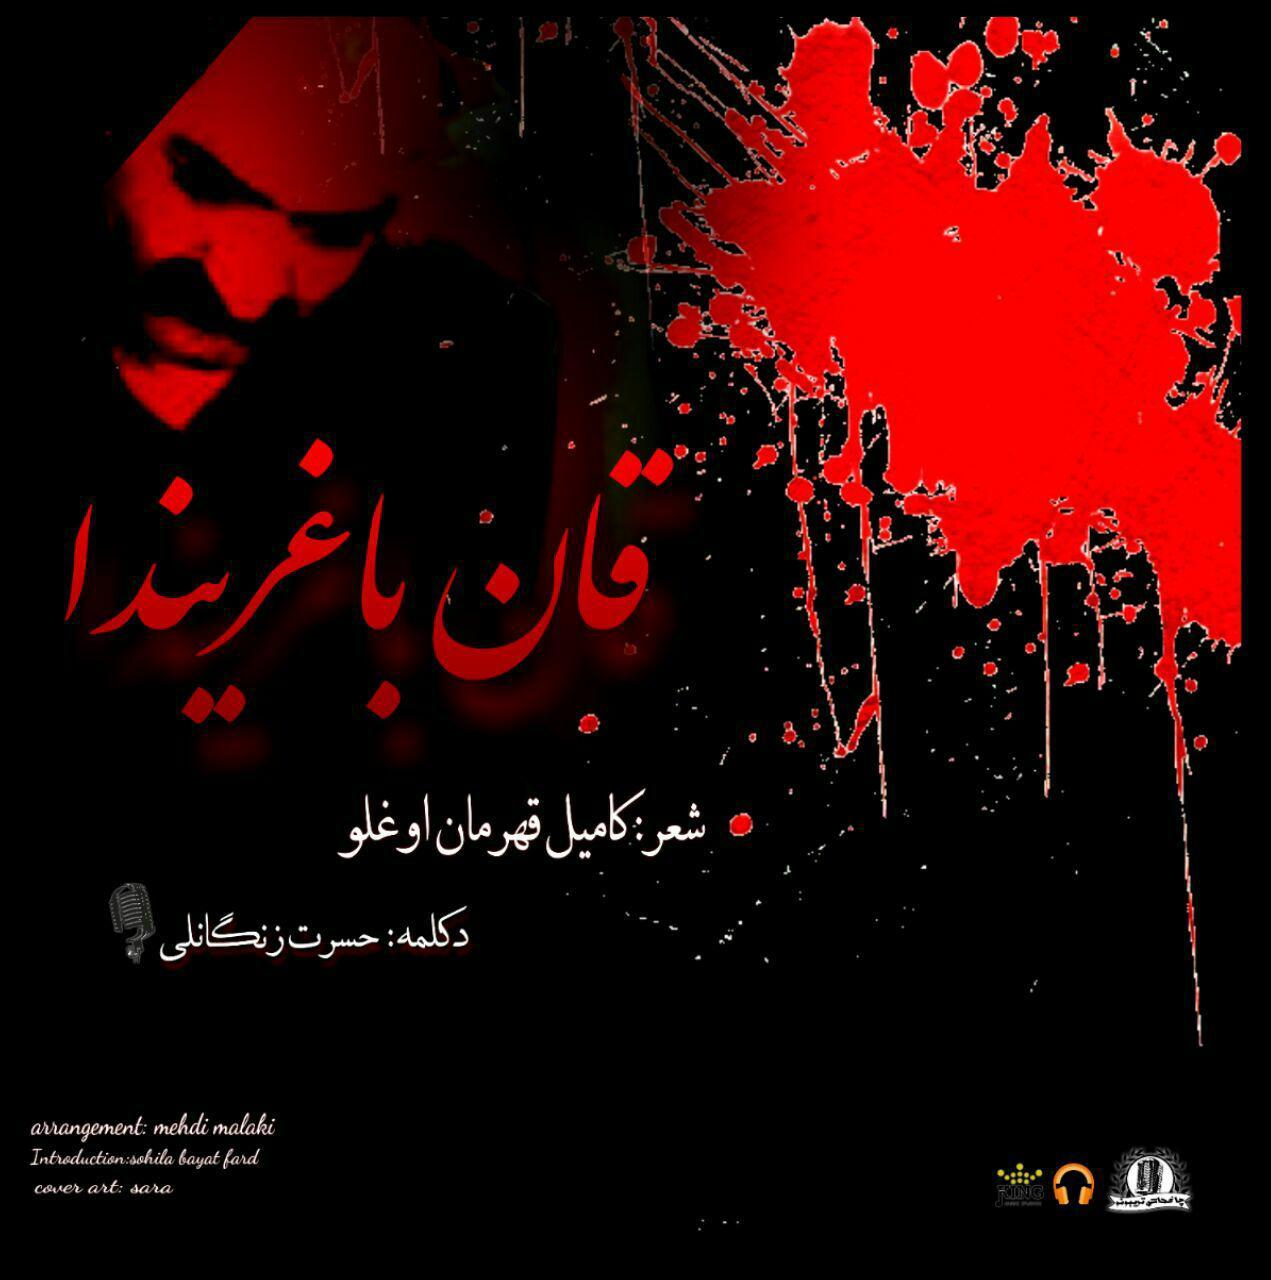 http://s8.picofile.com/file/8336026926/14Hasrat_Zanganli_Qan_Baqrinda.jpg